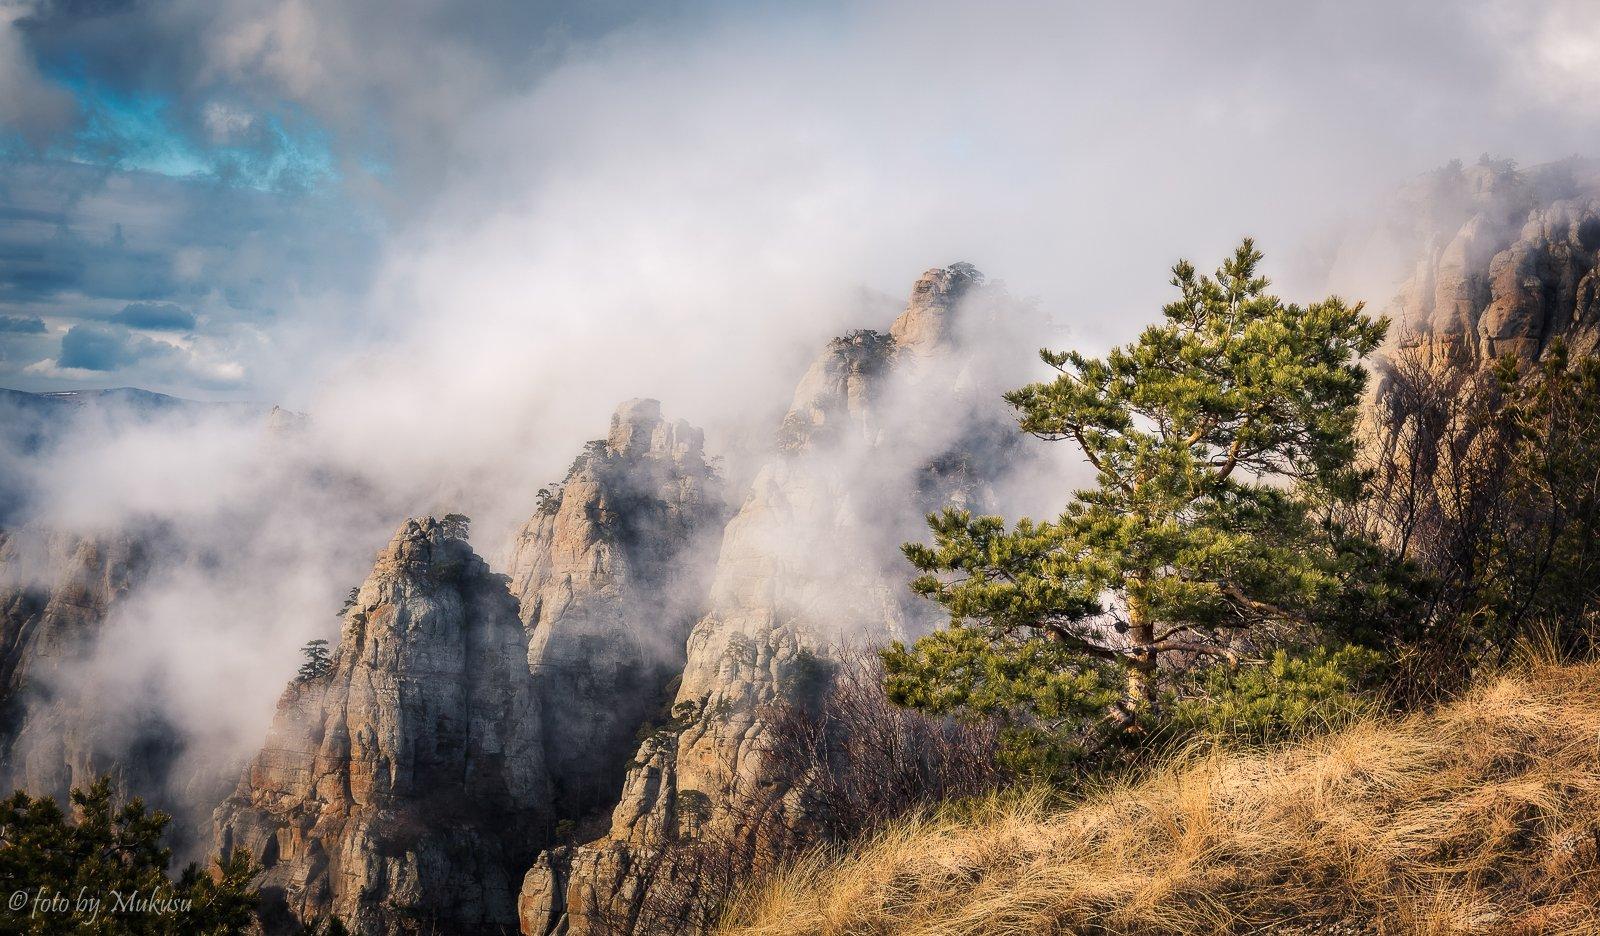 крым,landscape,travel,russia,демерджи, Алексей Самойленко